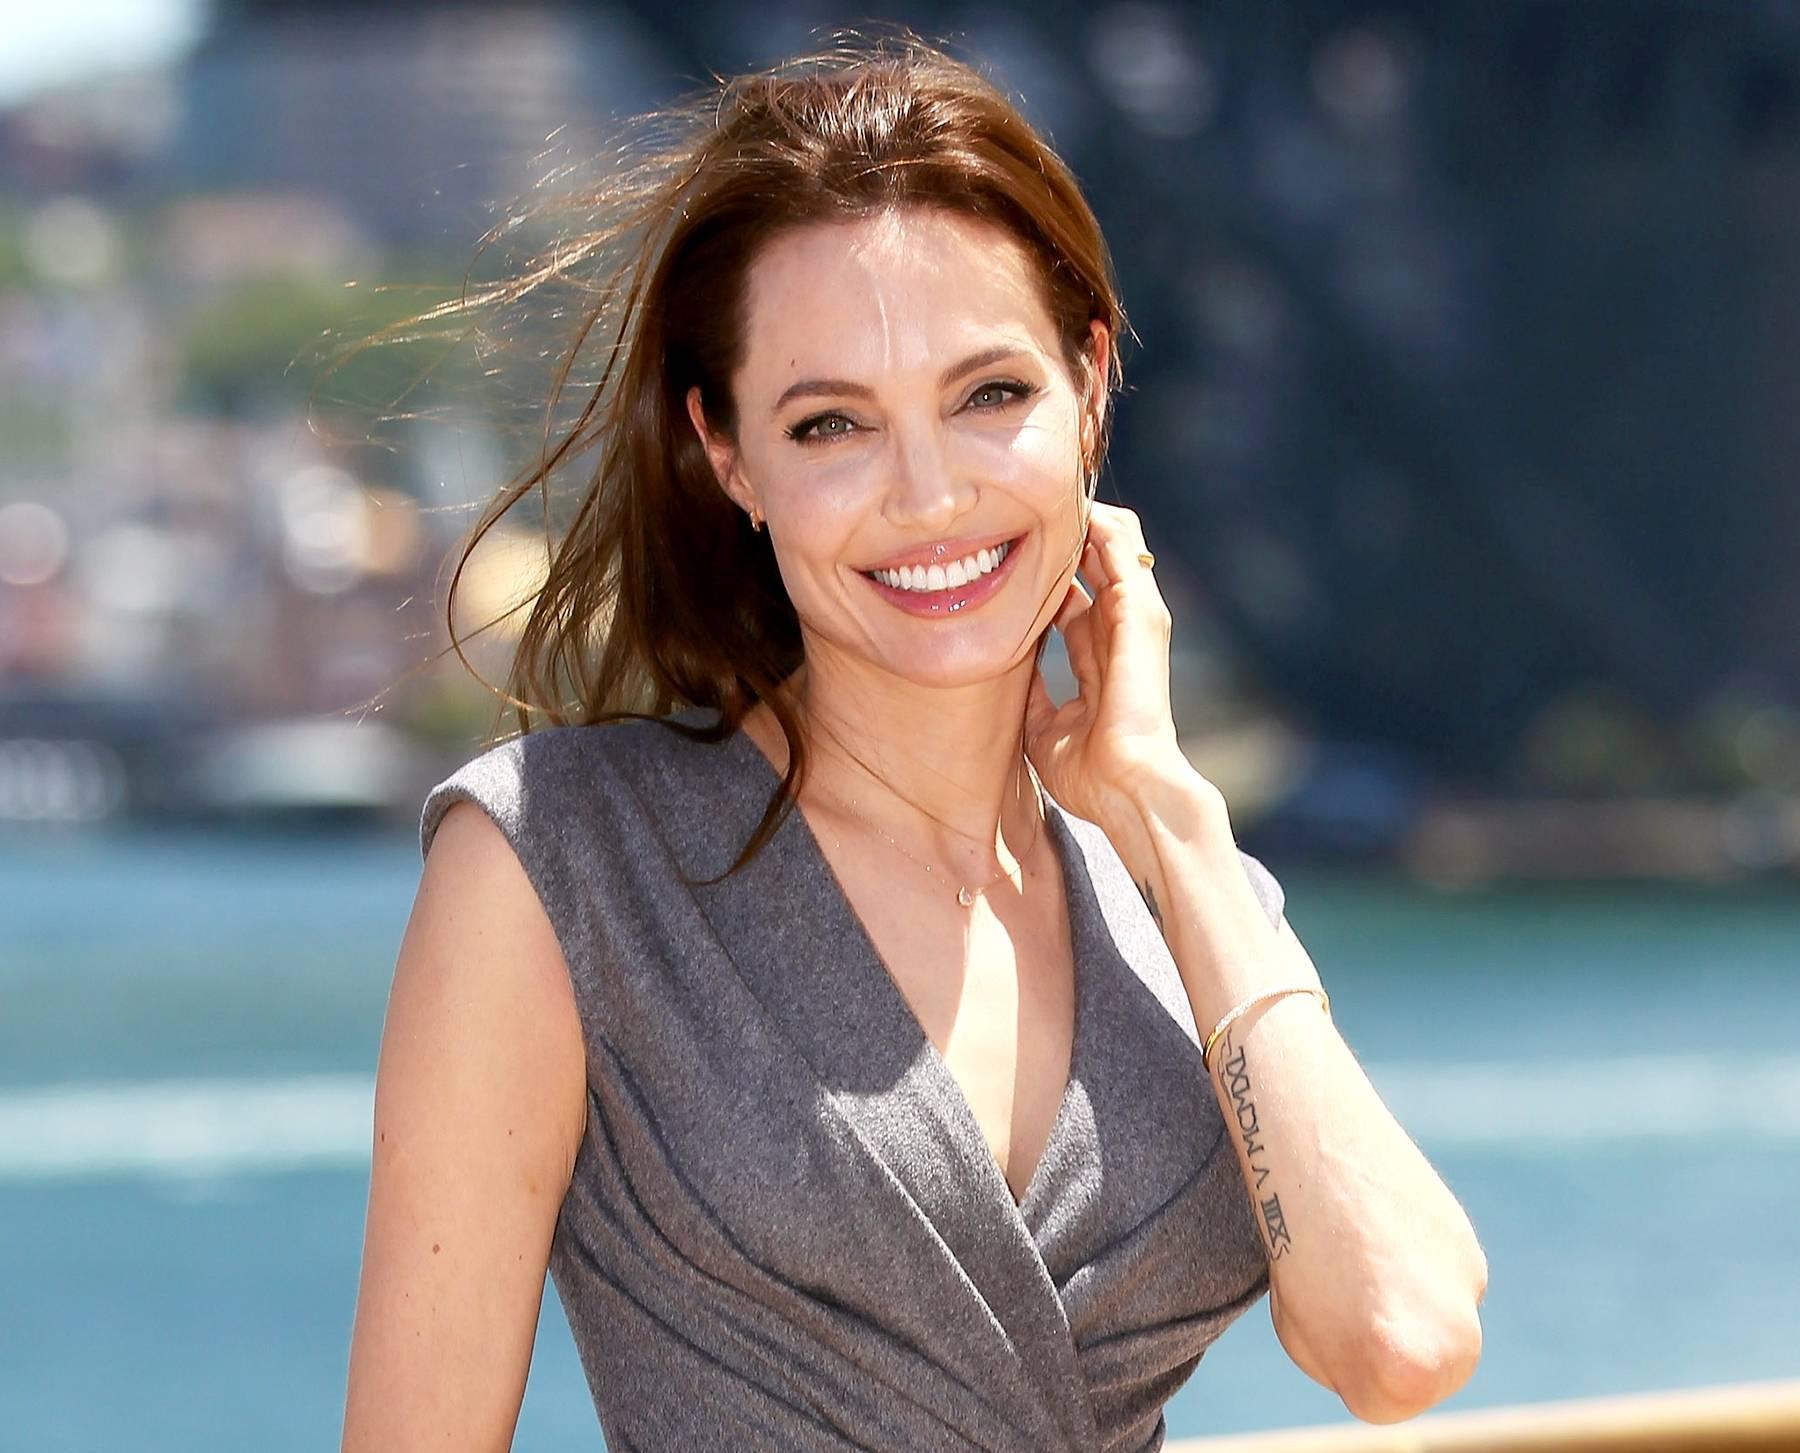 Angelina Jolie i jej intymne zdjęcia na aukcji